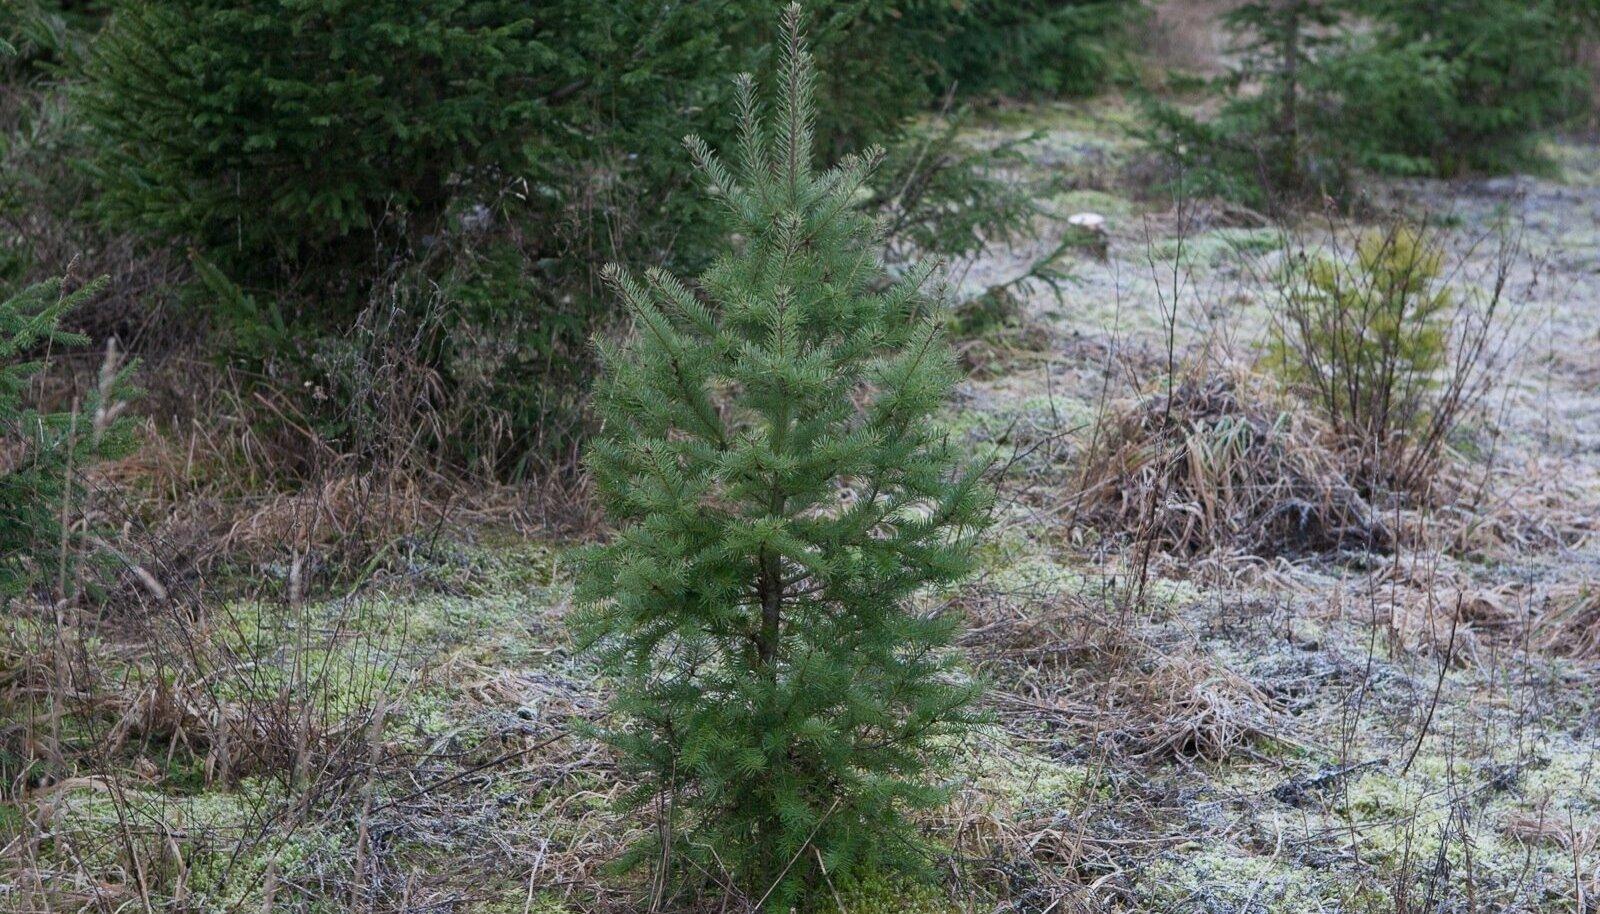 Praegu kuluks selle kuusekese raieküpseks saamiseni 80 aastat. Elu näitab, et siis on puu sisemuse juba vallutanud mädanik. Metsaseaduse muudatus lubab raiuda juba ka 60 aasta vanuseid kuuski.